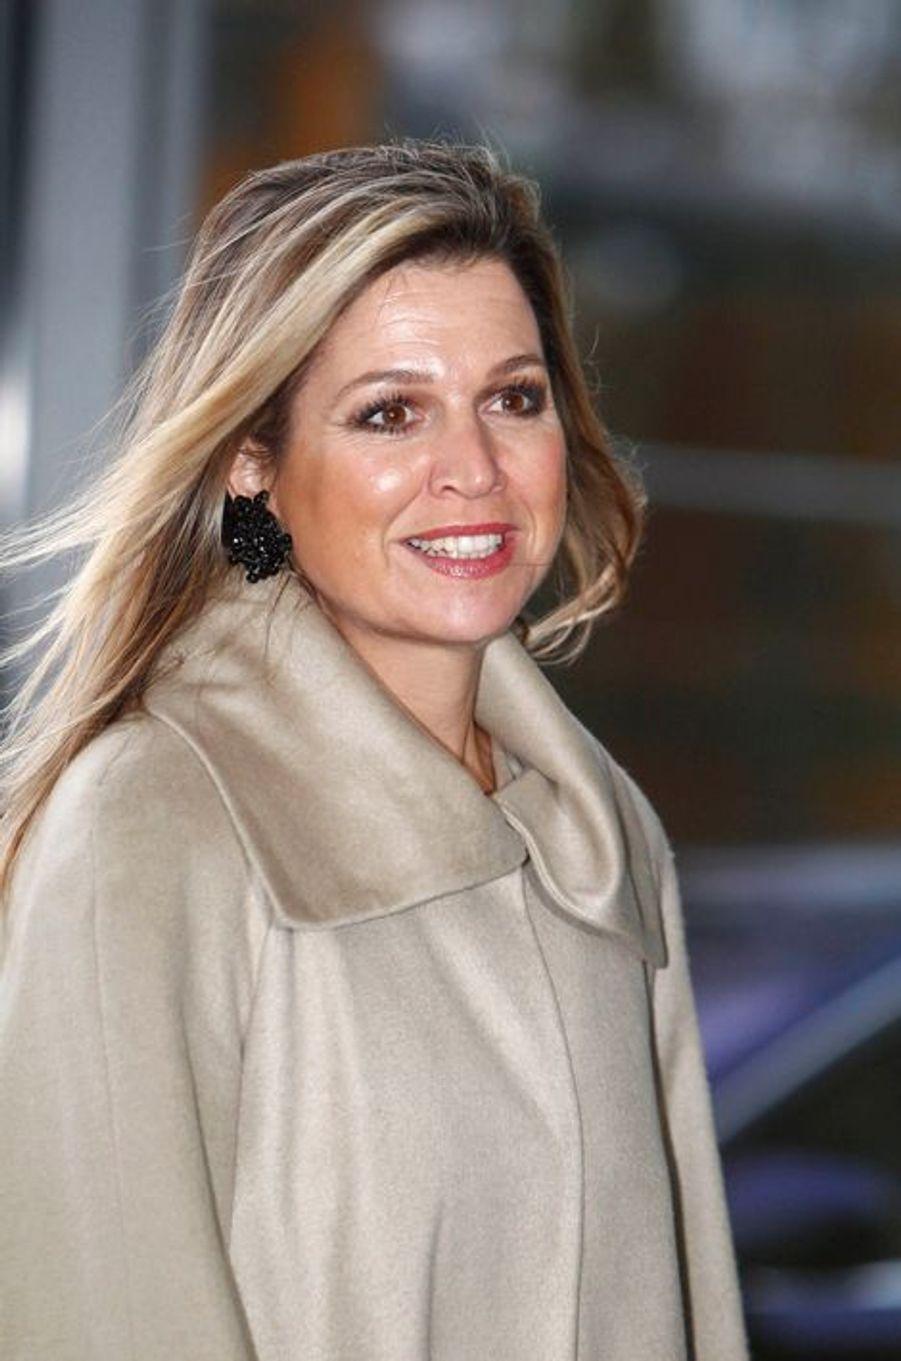 La reine Maxima des Pays-Bas au séminaire de Coalition de la croissance durable néerlandaise (DSGC) à Amsterdam, le 2 décembre 2014